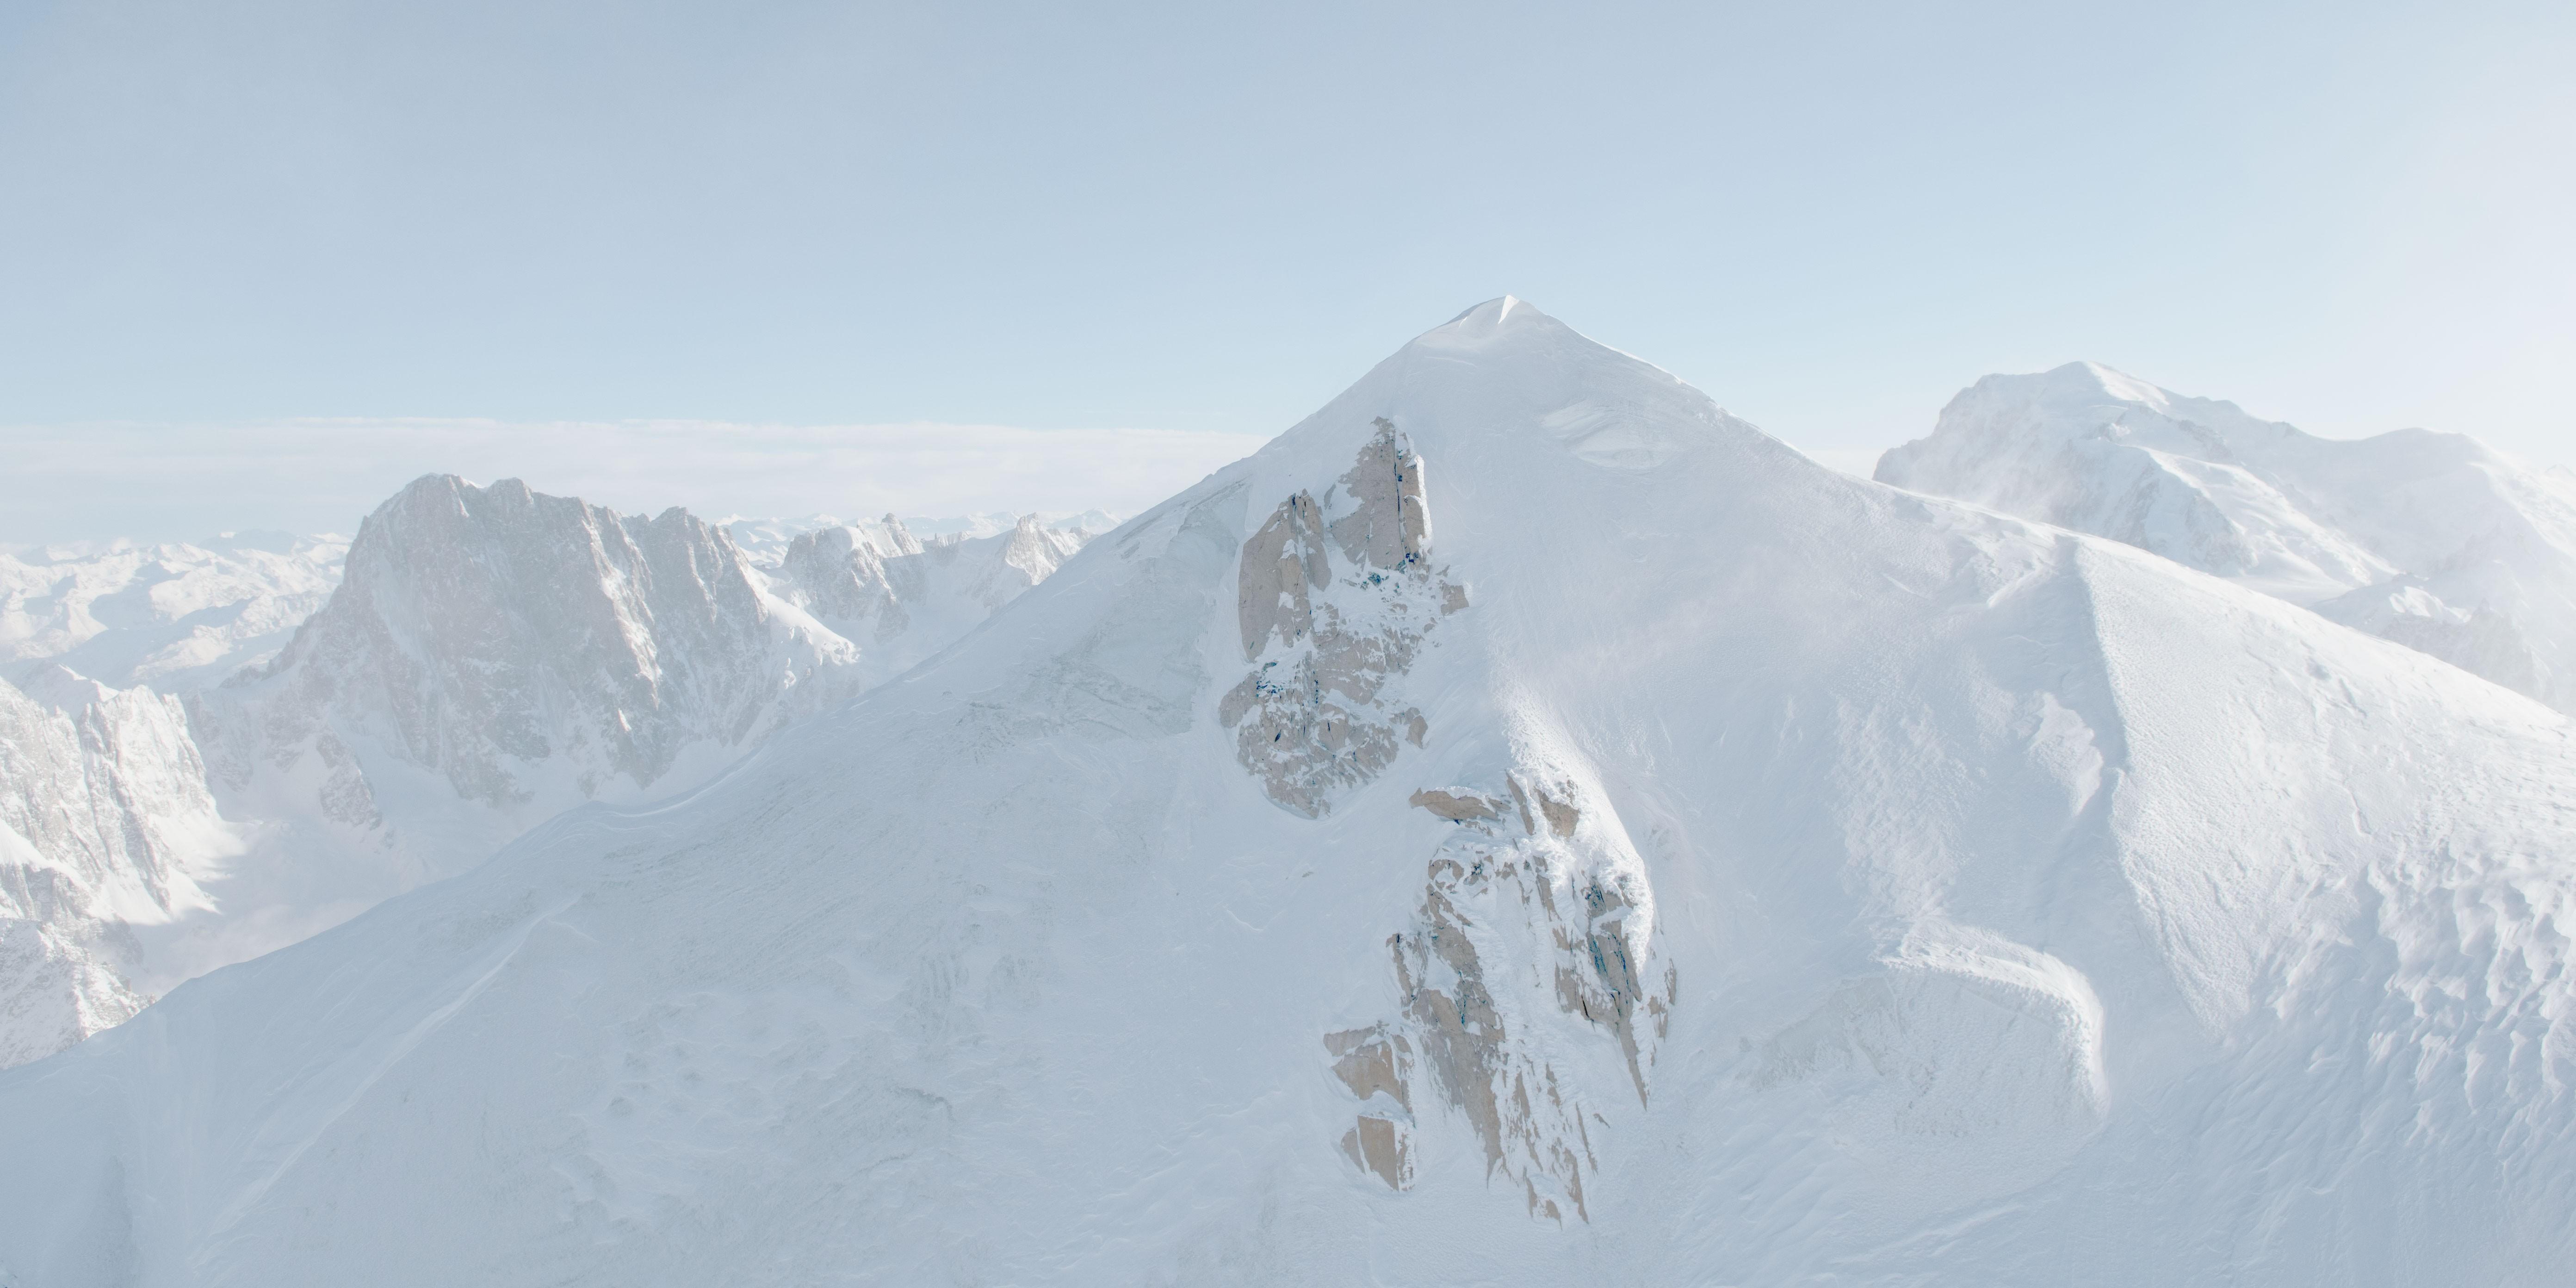 Aiguille Verte 4122 m